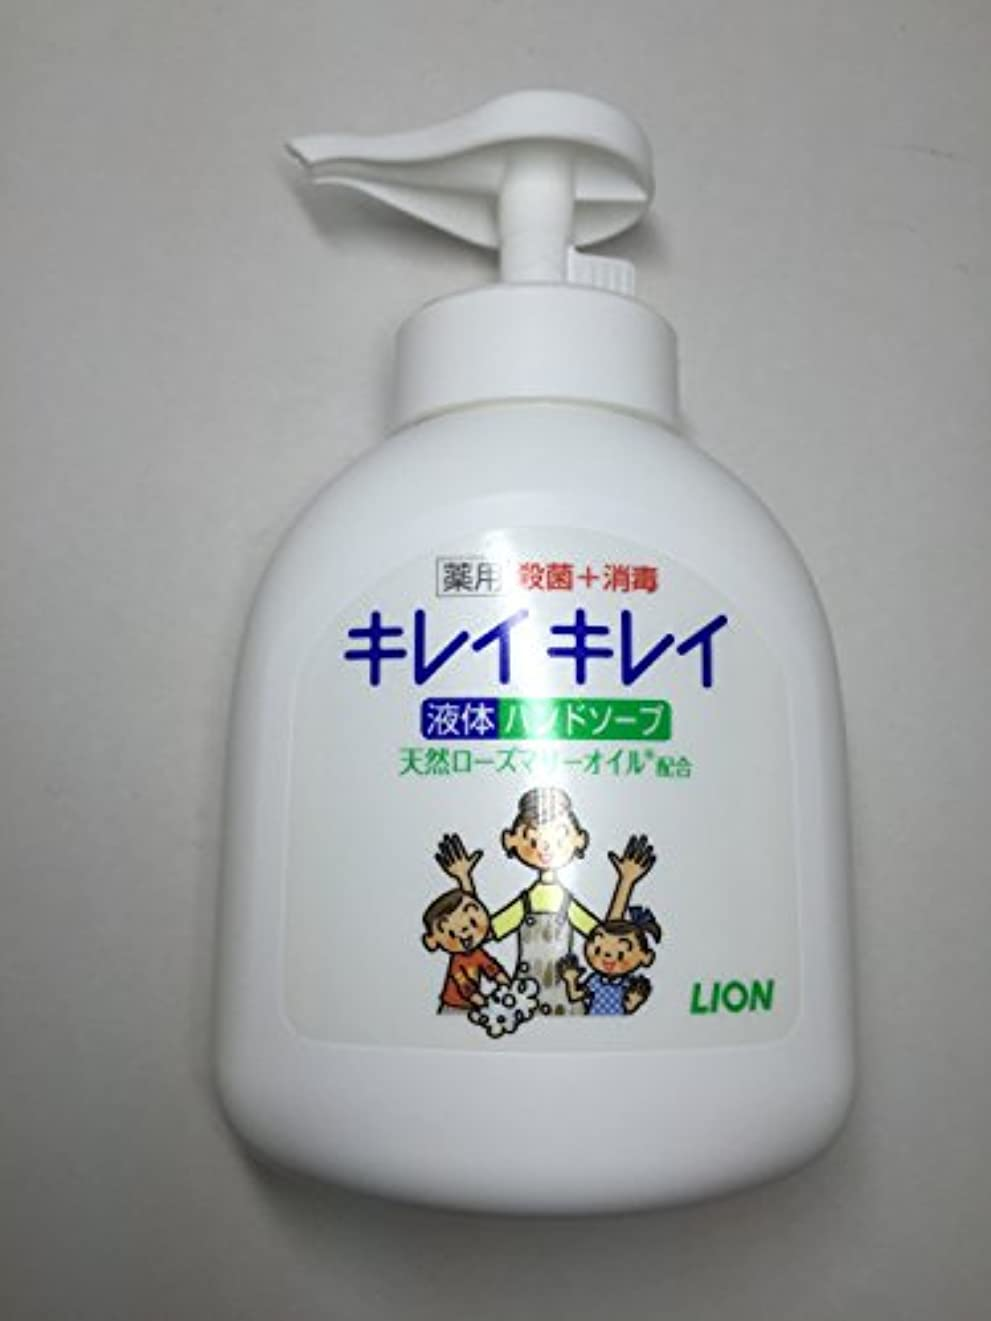 処方ボトルネック空の(お買得)キレイキレイ 薬用 液体ハンドソープ 本体 (250ml) ライオン